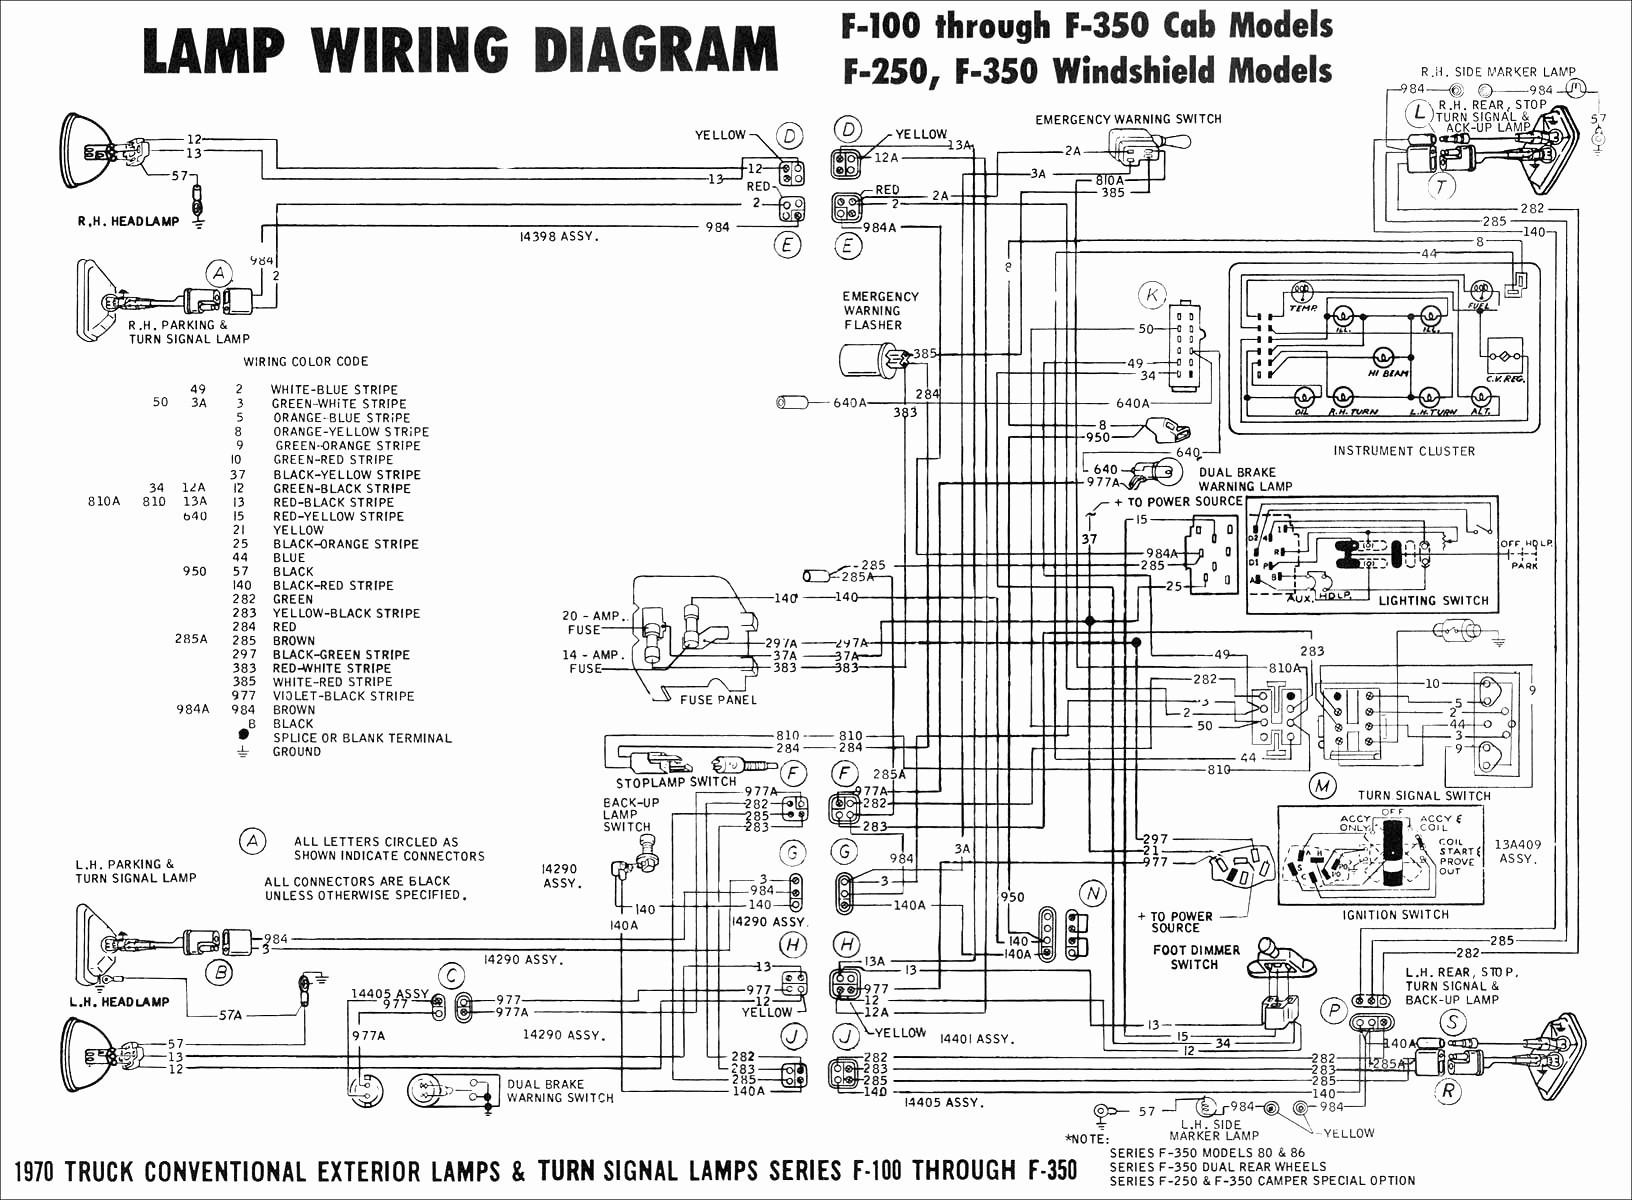 Harley Davidson Evolution Engine Diagram Wrg 4083] 2002 ford F 150 Fx4 Fuse Panel Diagram Of Harley Davidson Evolution Engine Diagram